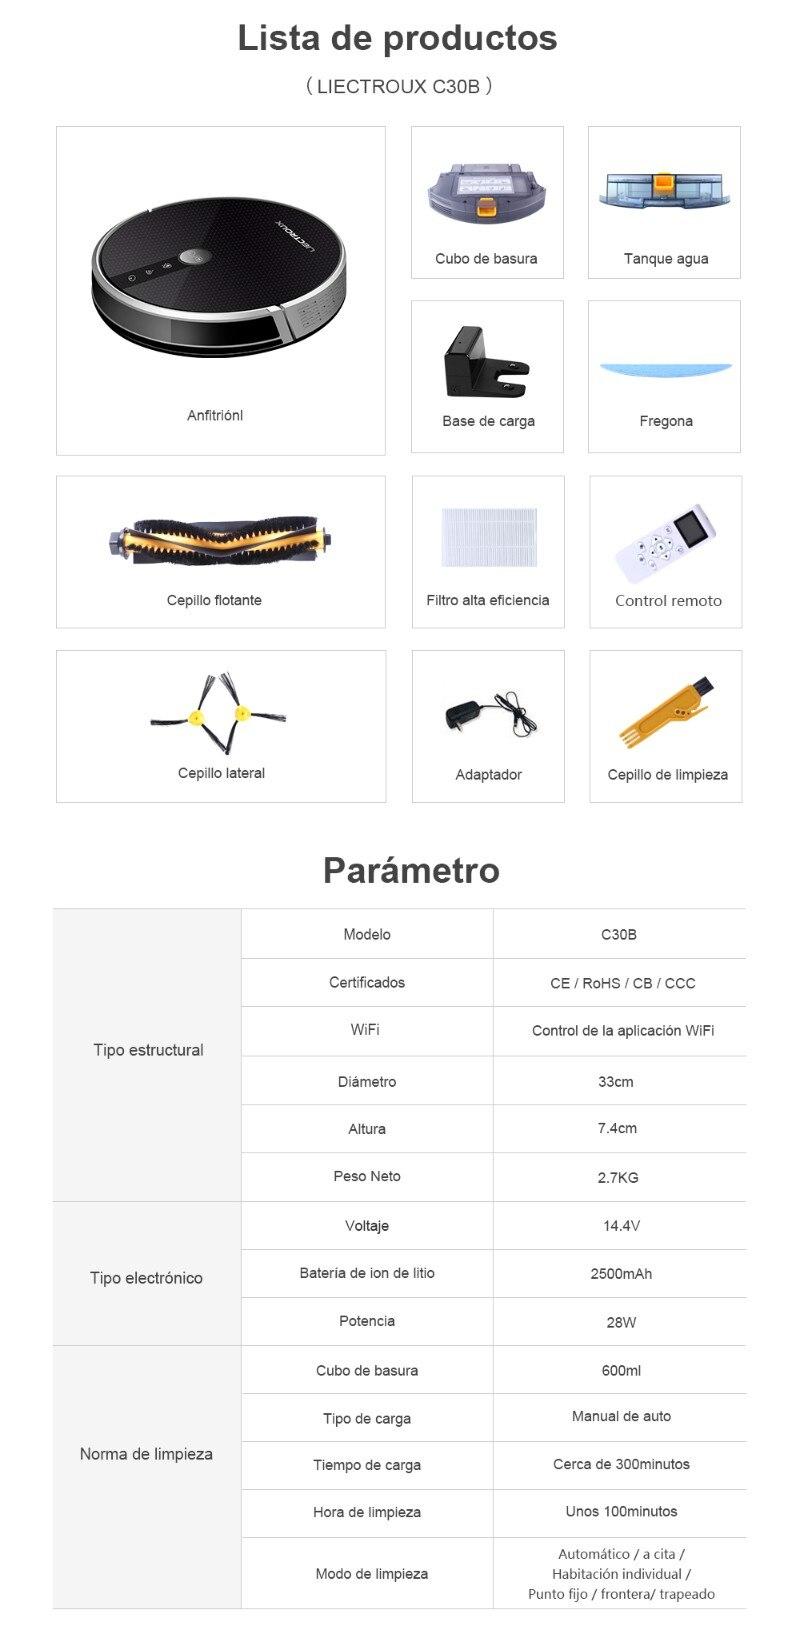 eléctrico, 3000Pa, Precio Dollar 31